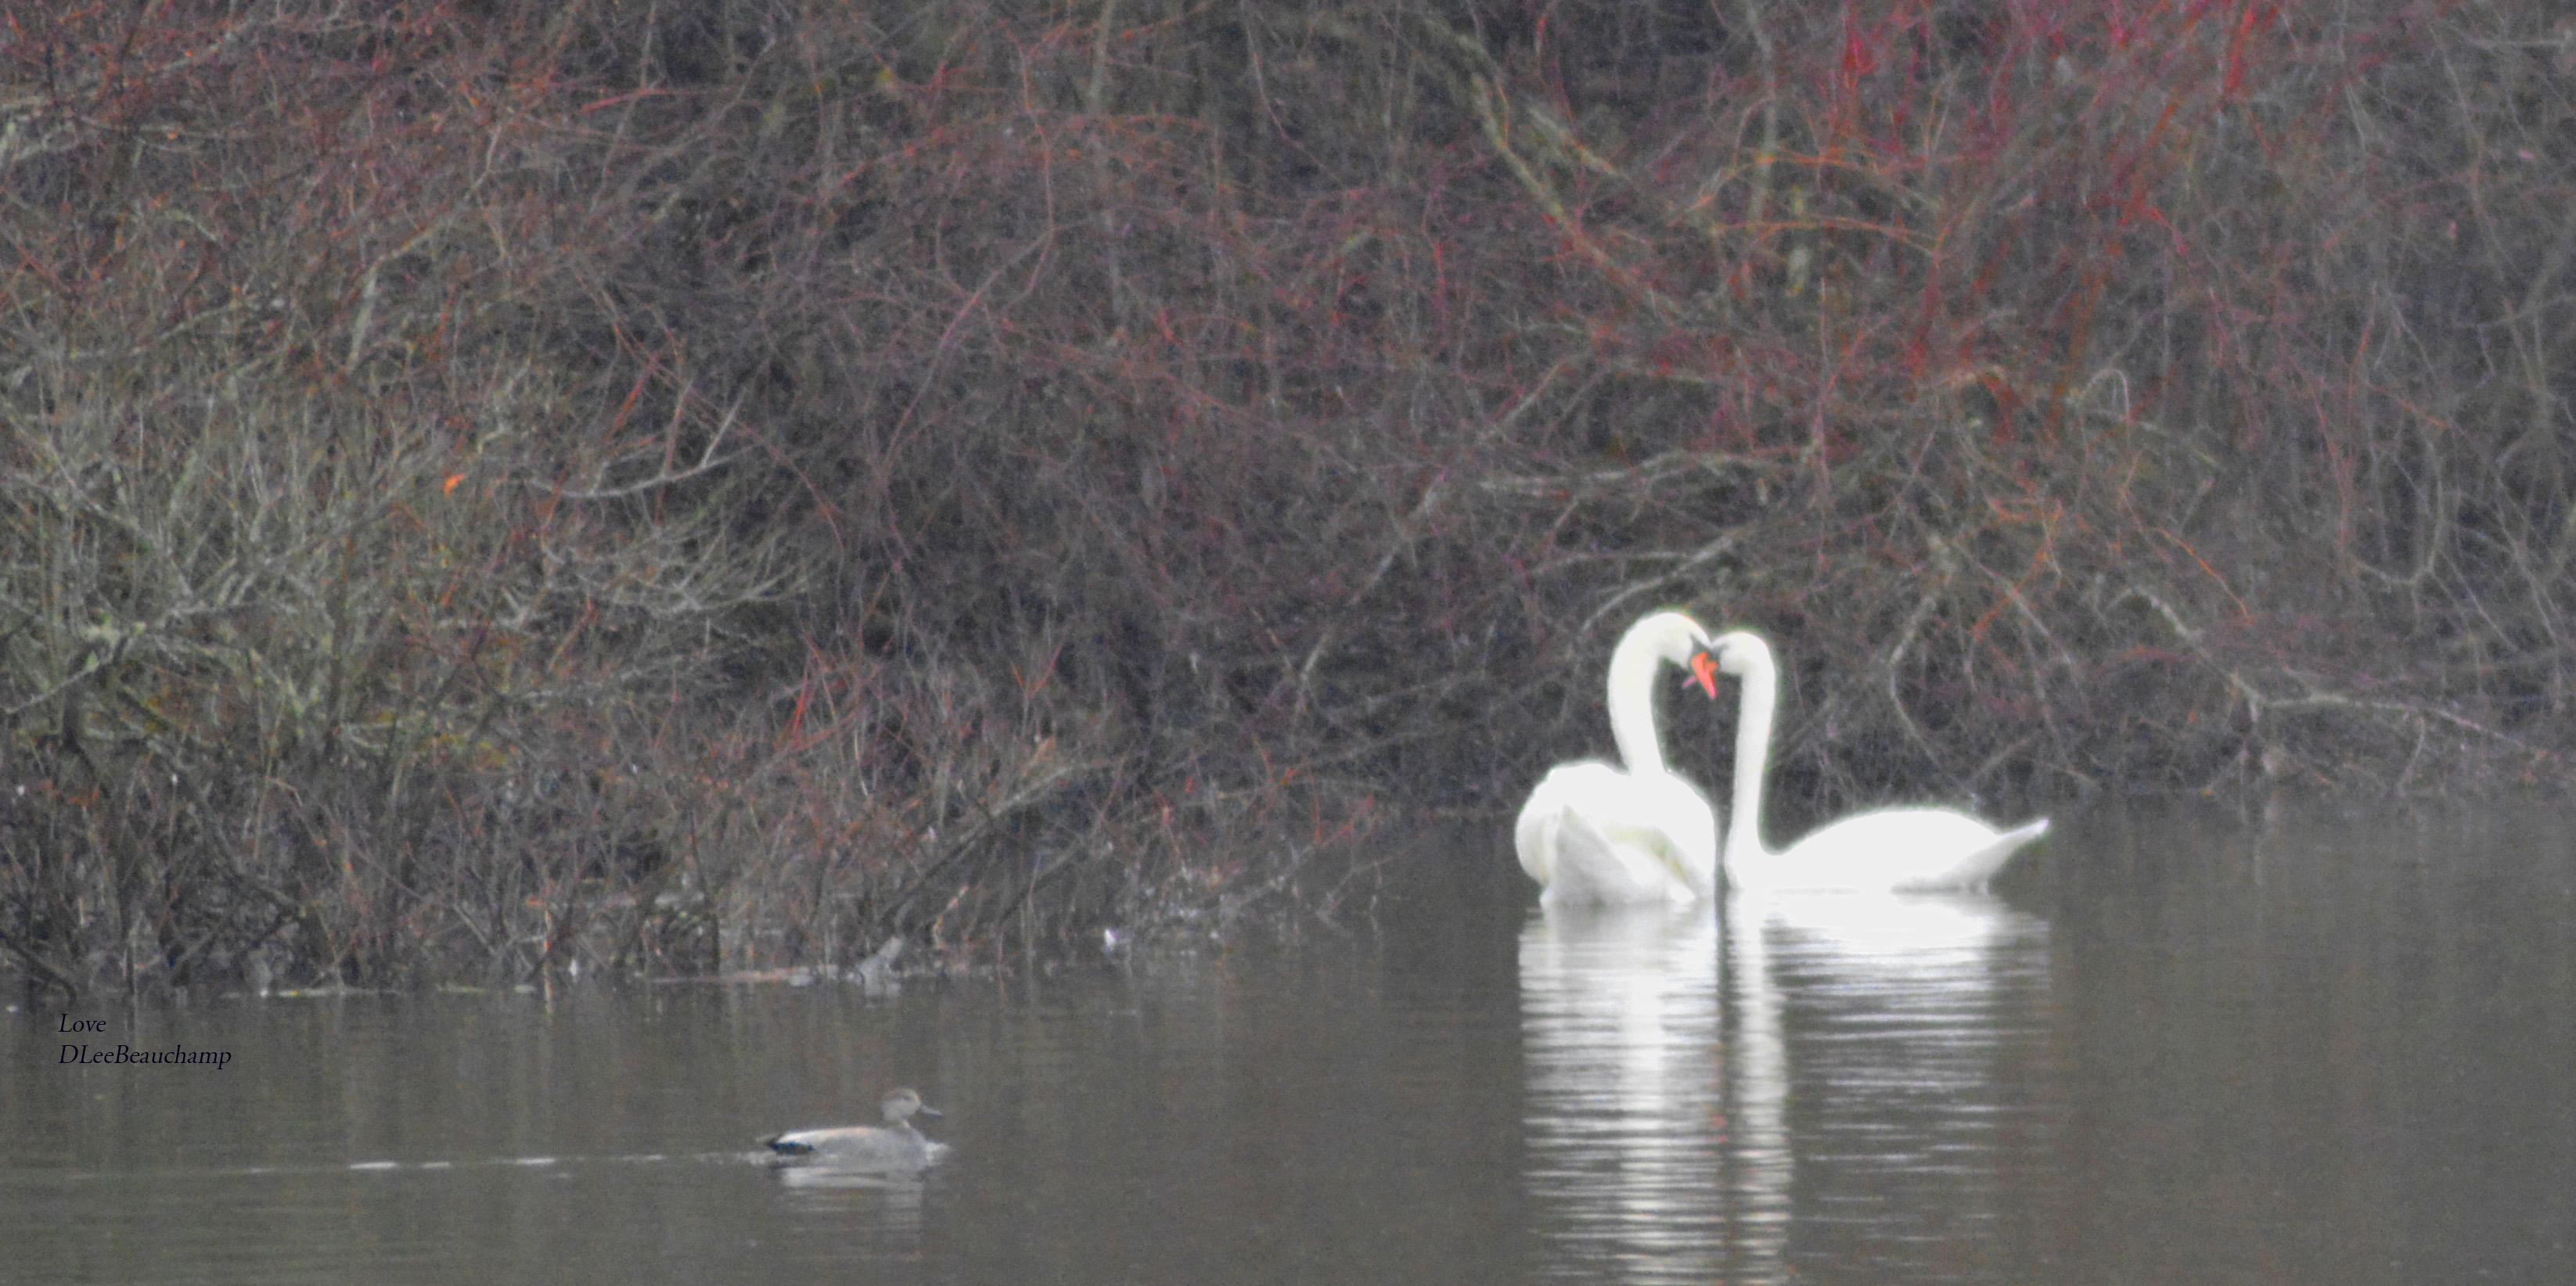 Swan_love_2